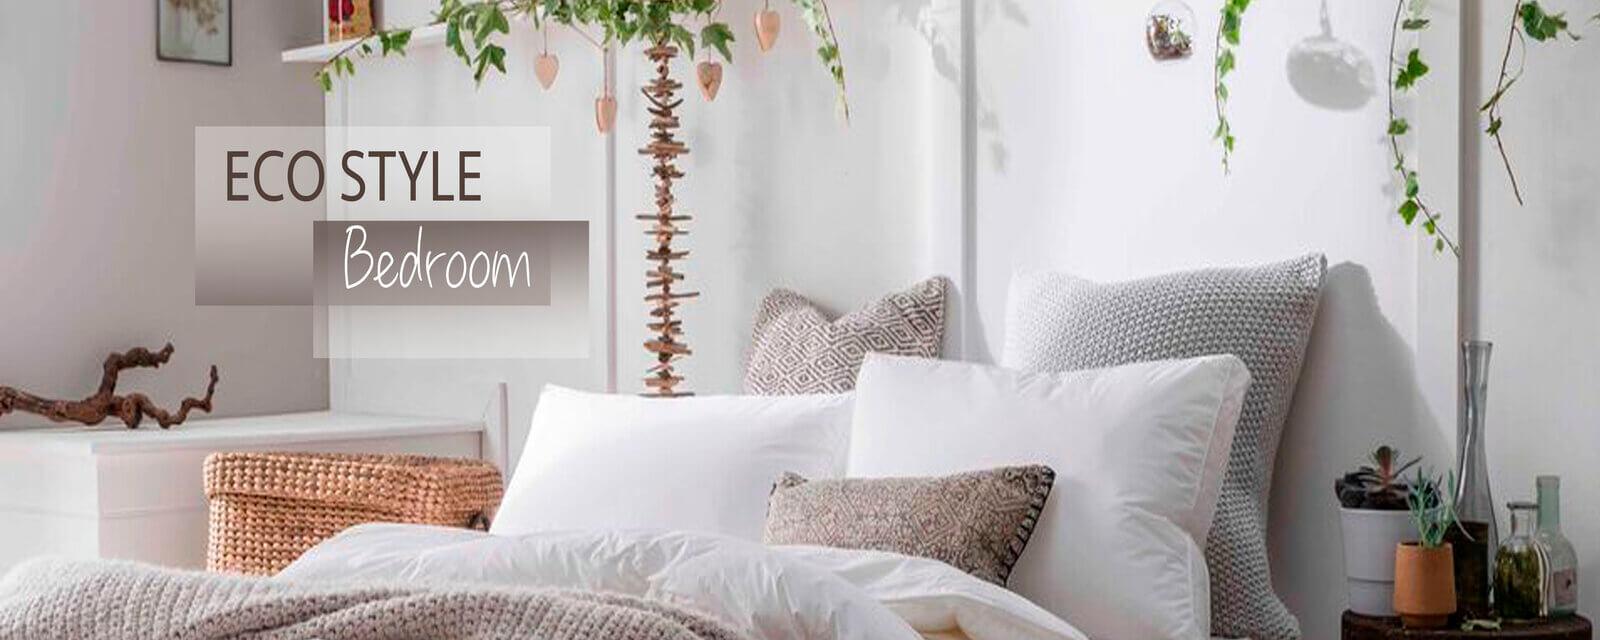 Eco Style | Bedroom